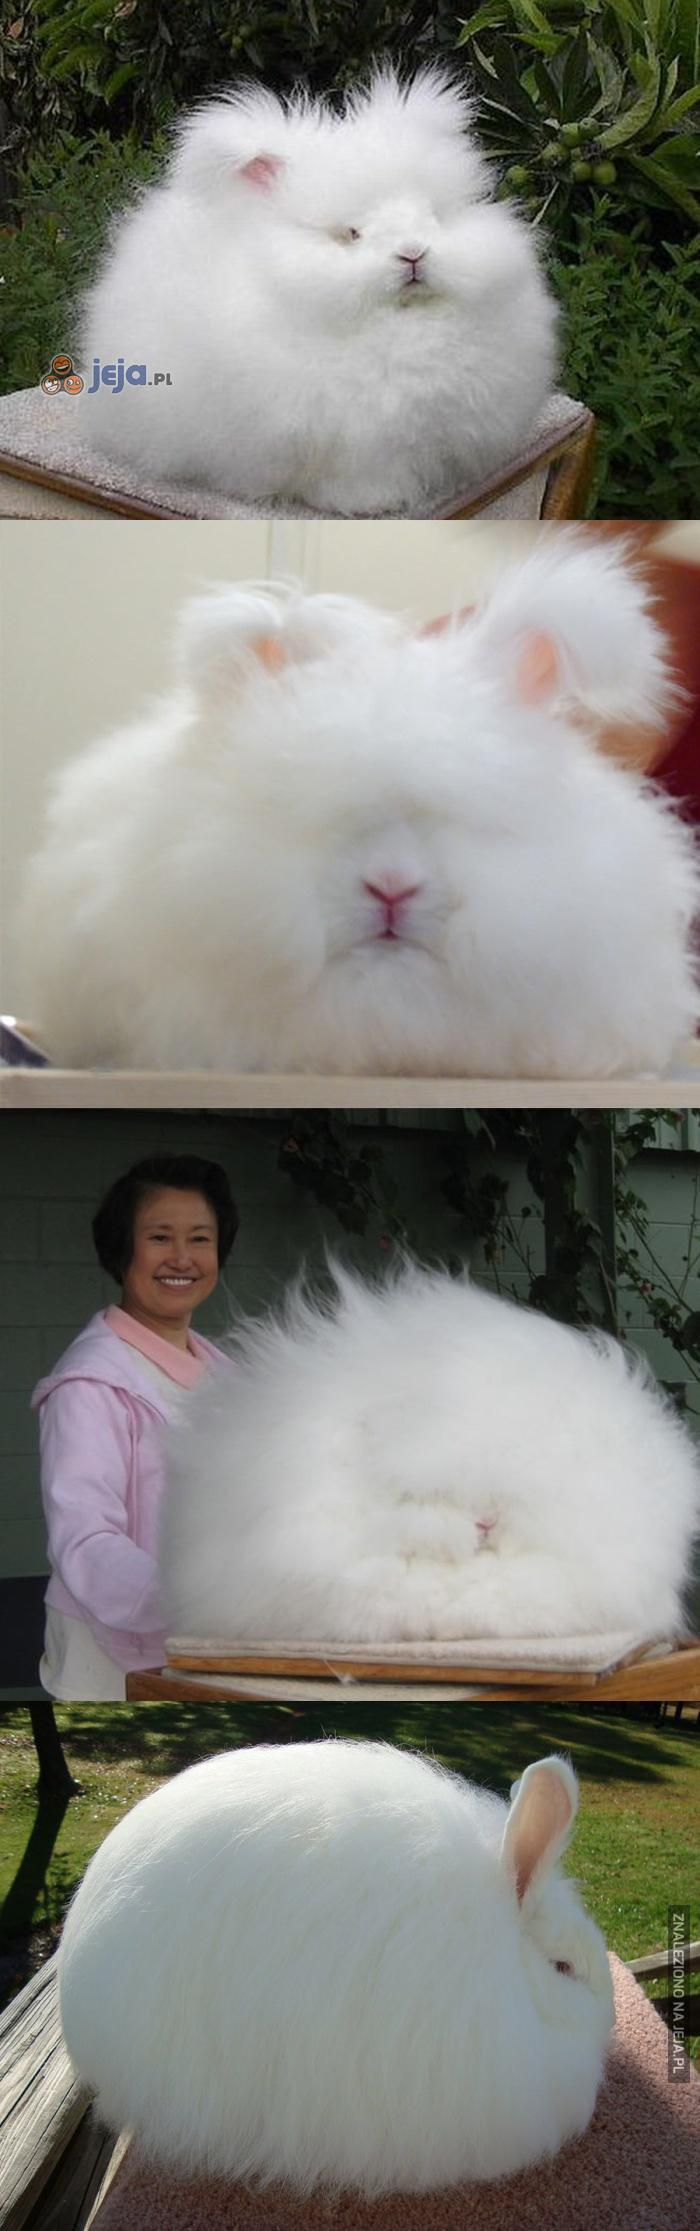 Najbardziej puchaty królik ever